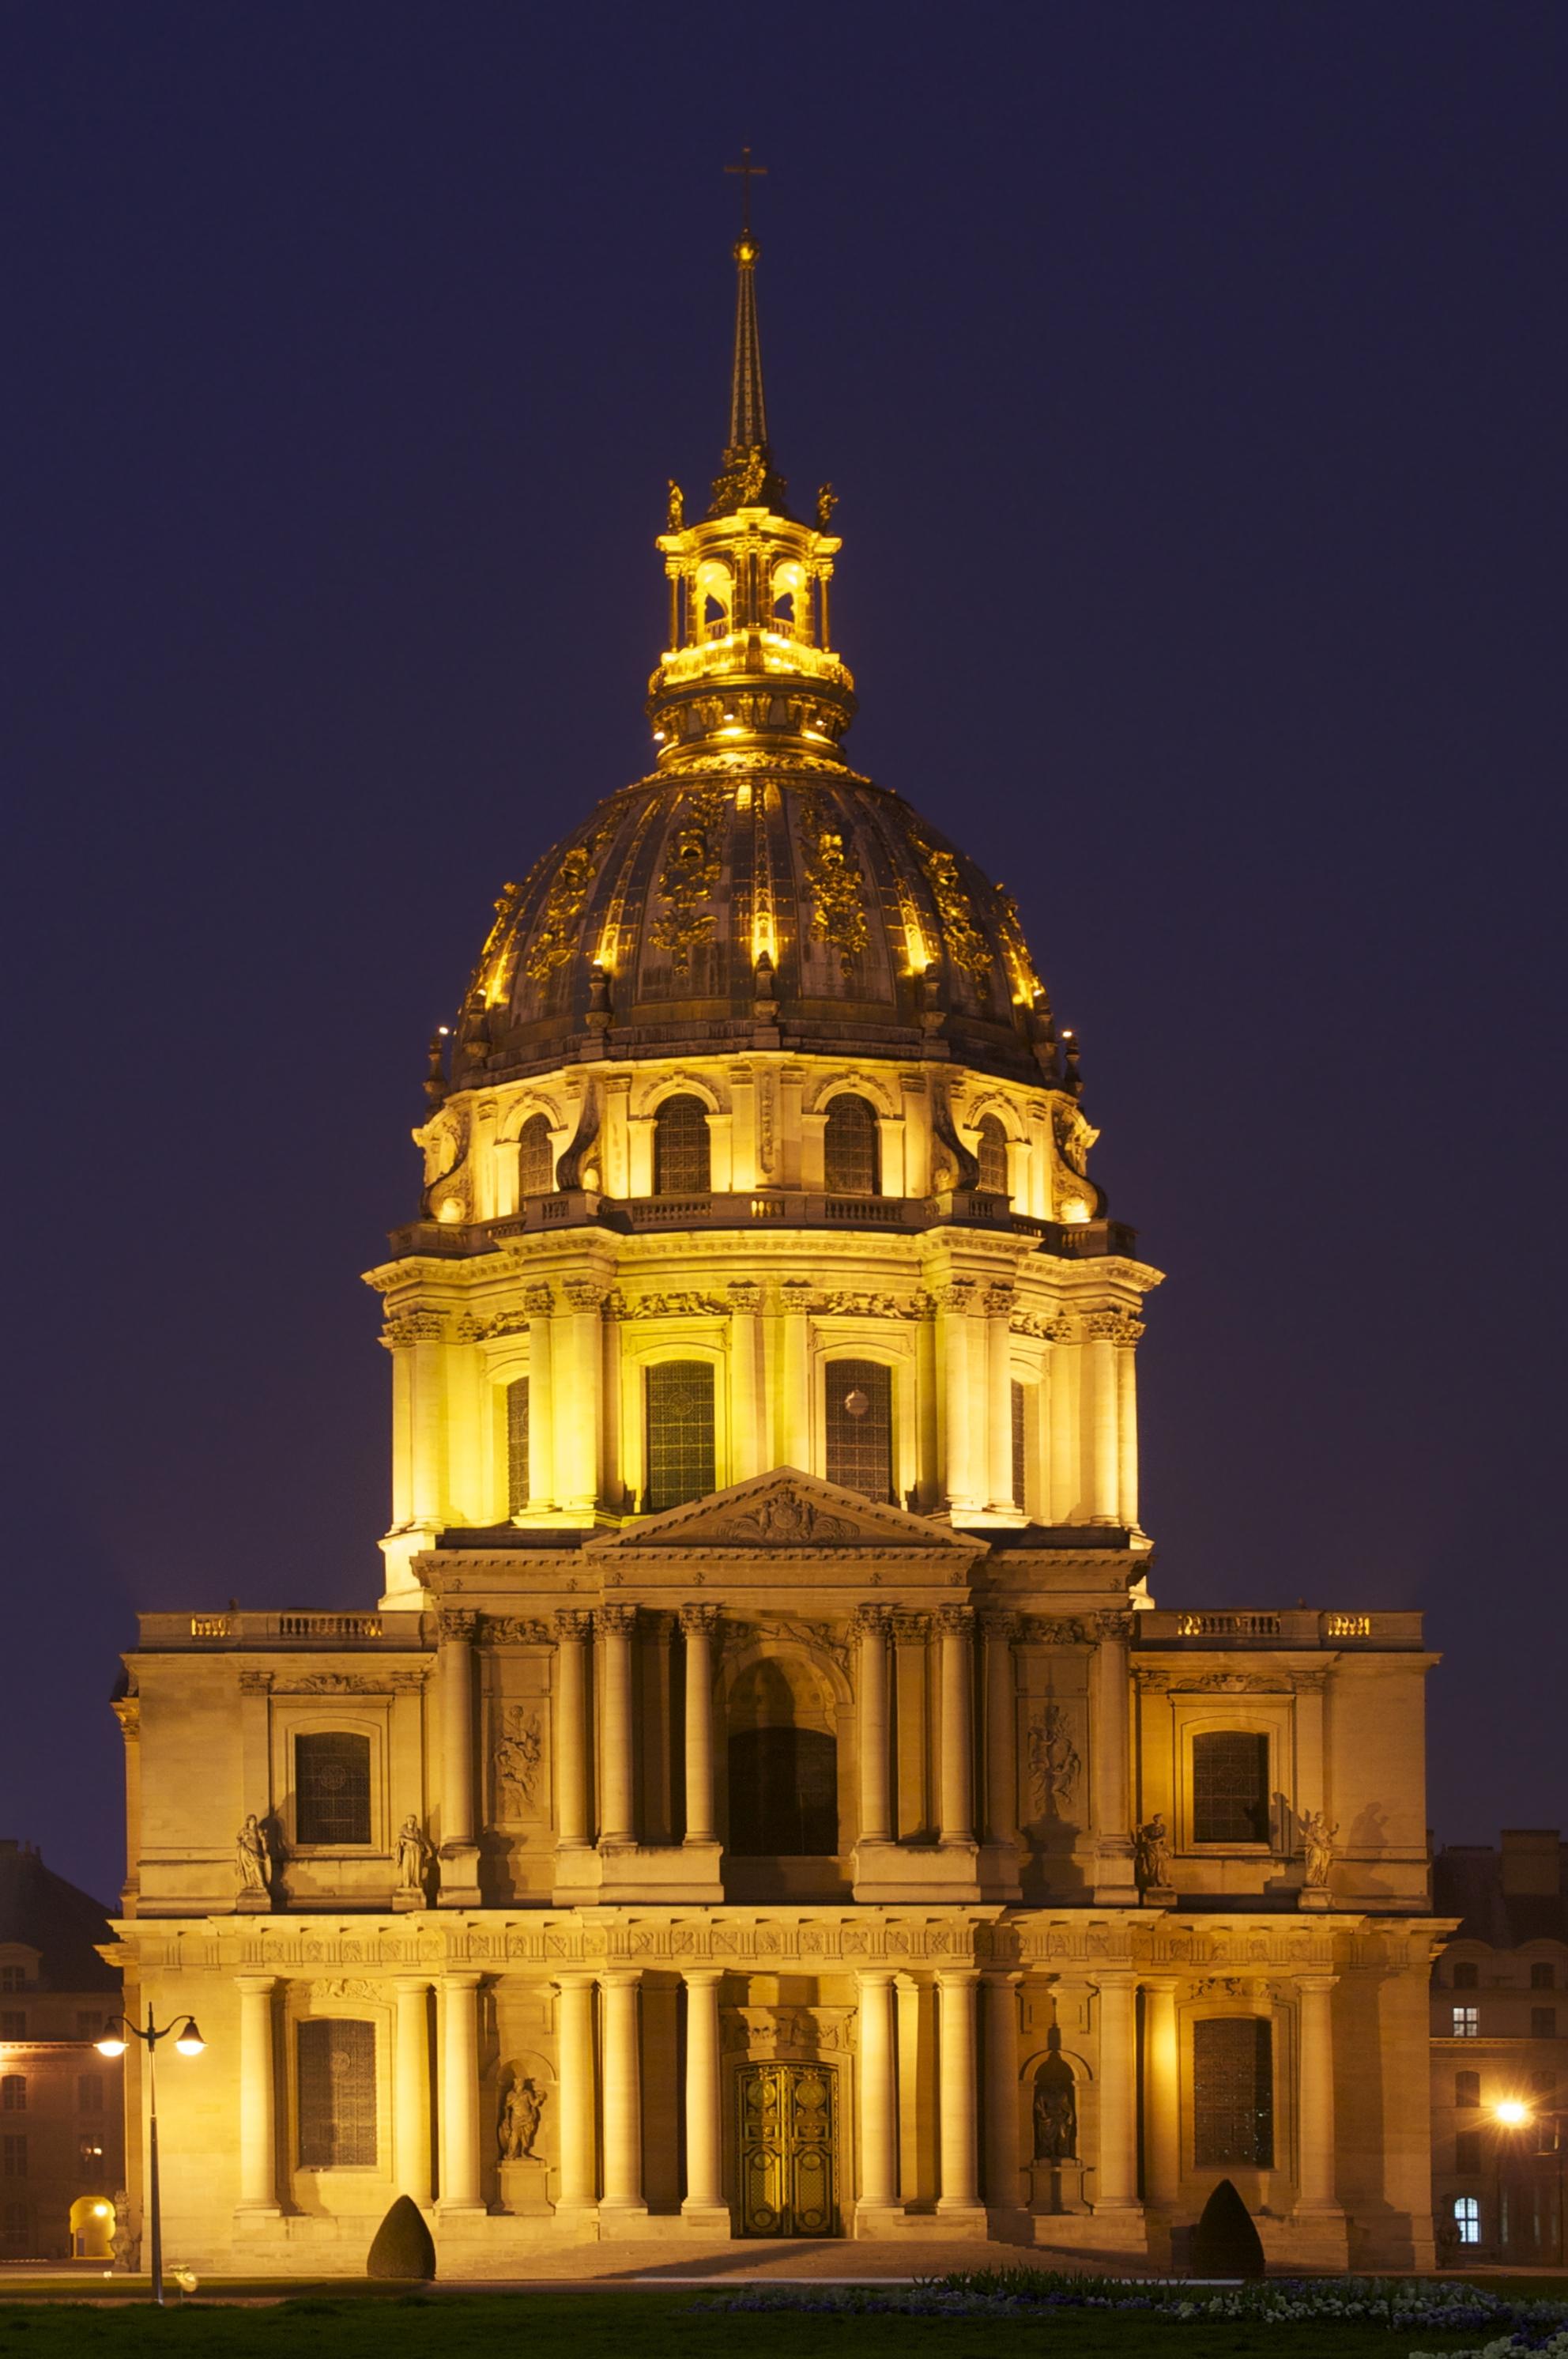 File Saint Louis Des Invalides Eglise Du D 244 Me De Nuit By Night Jpg Wikimedia Commons